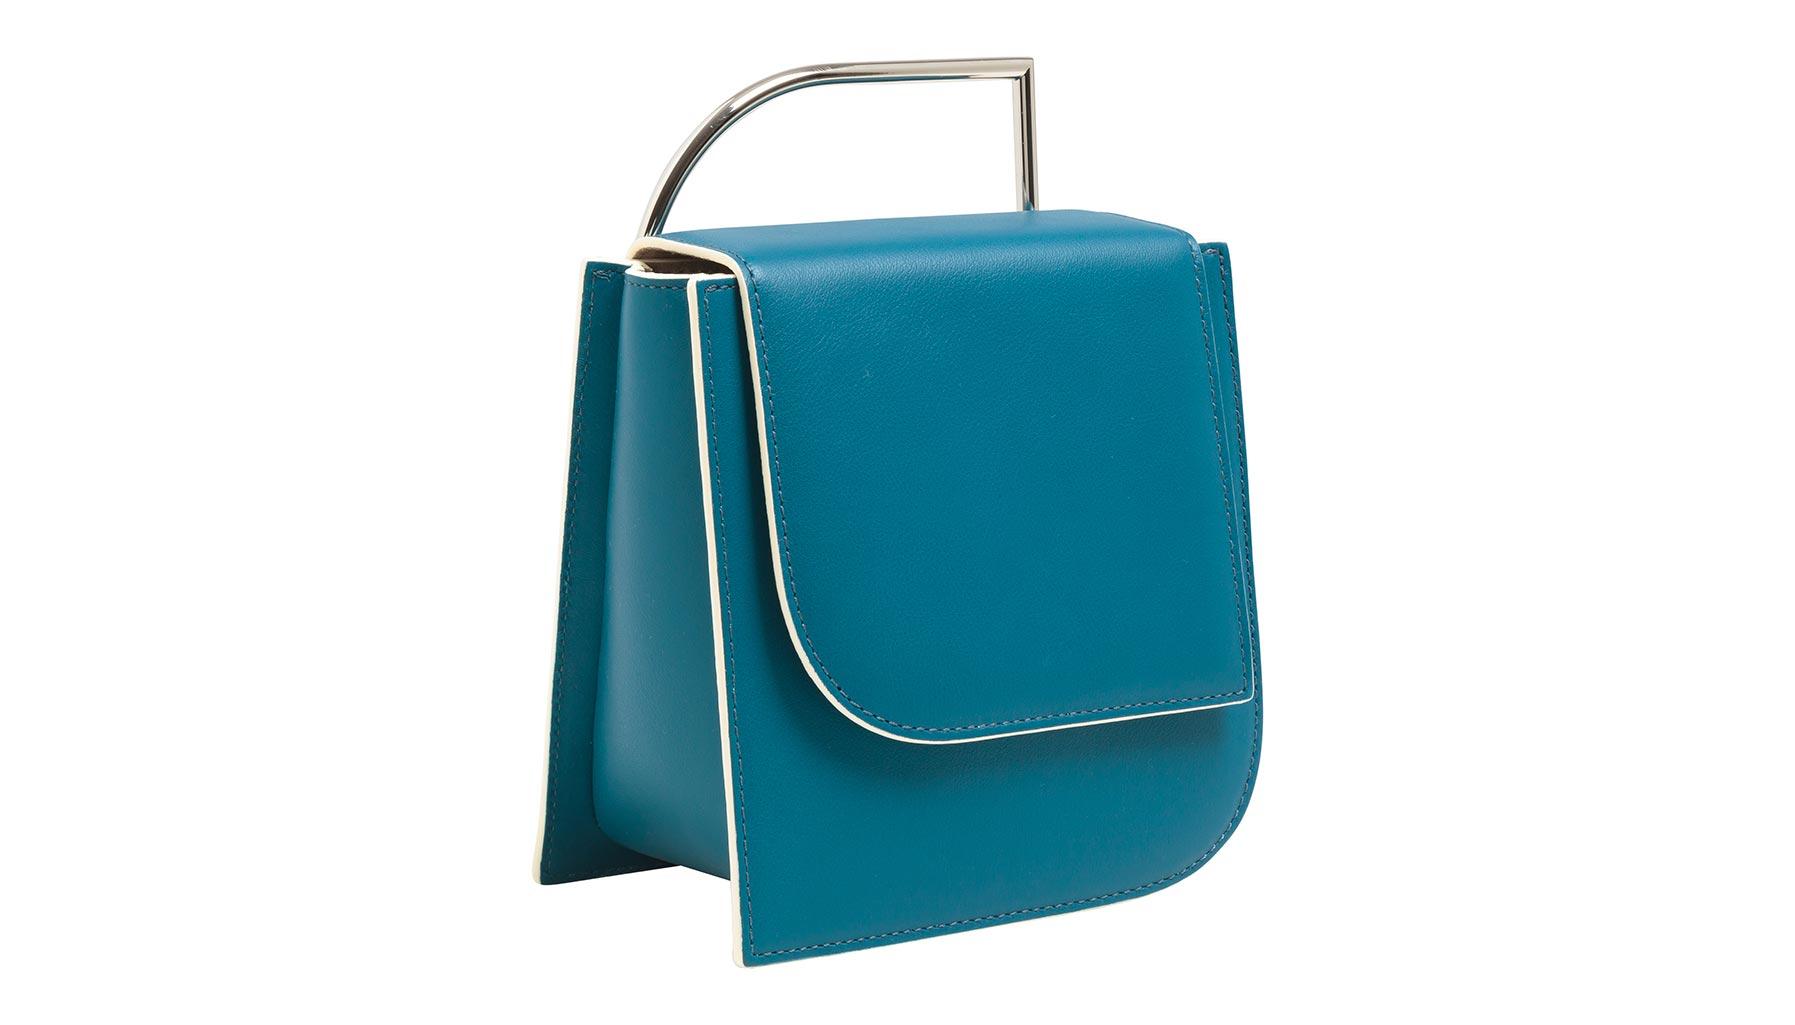 Pascal Ocean bag by Lautem